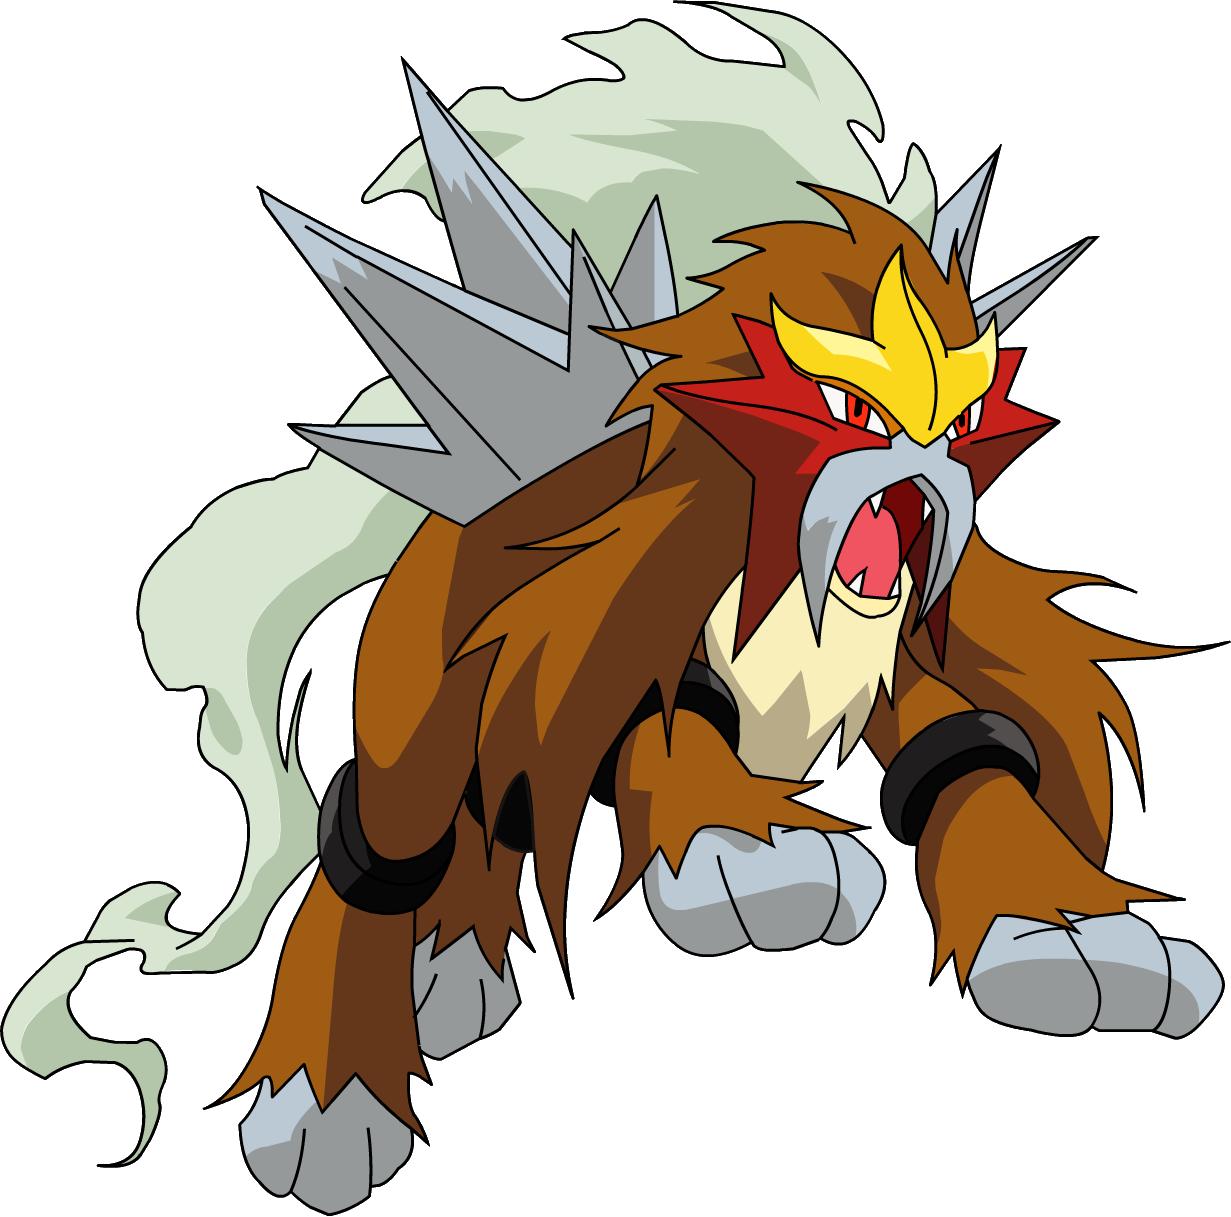 legendary pokemon entei - photo #15